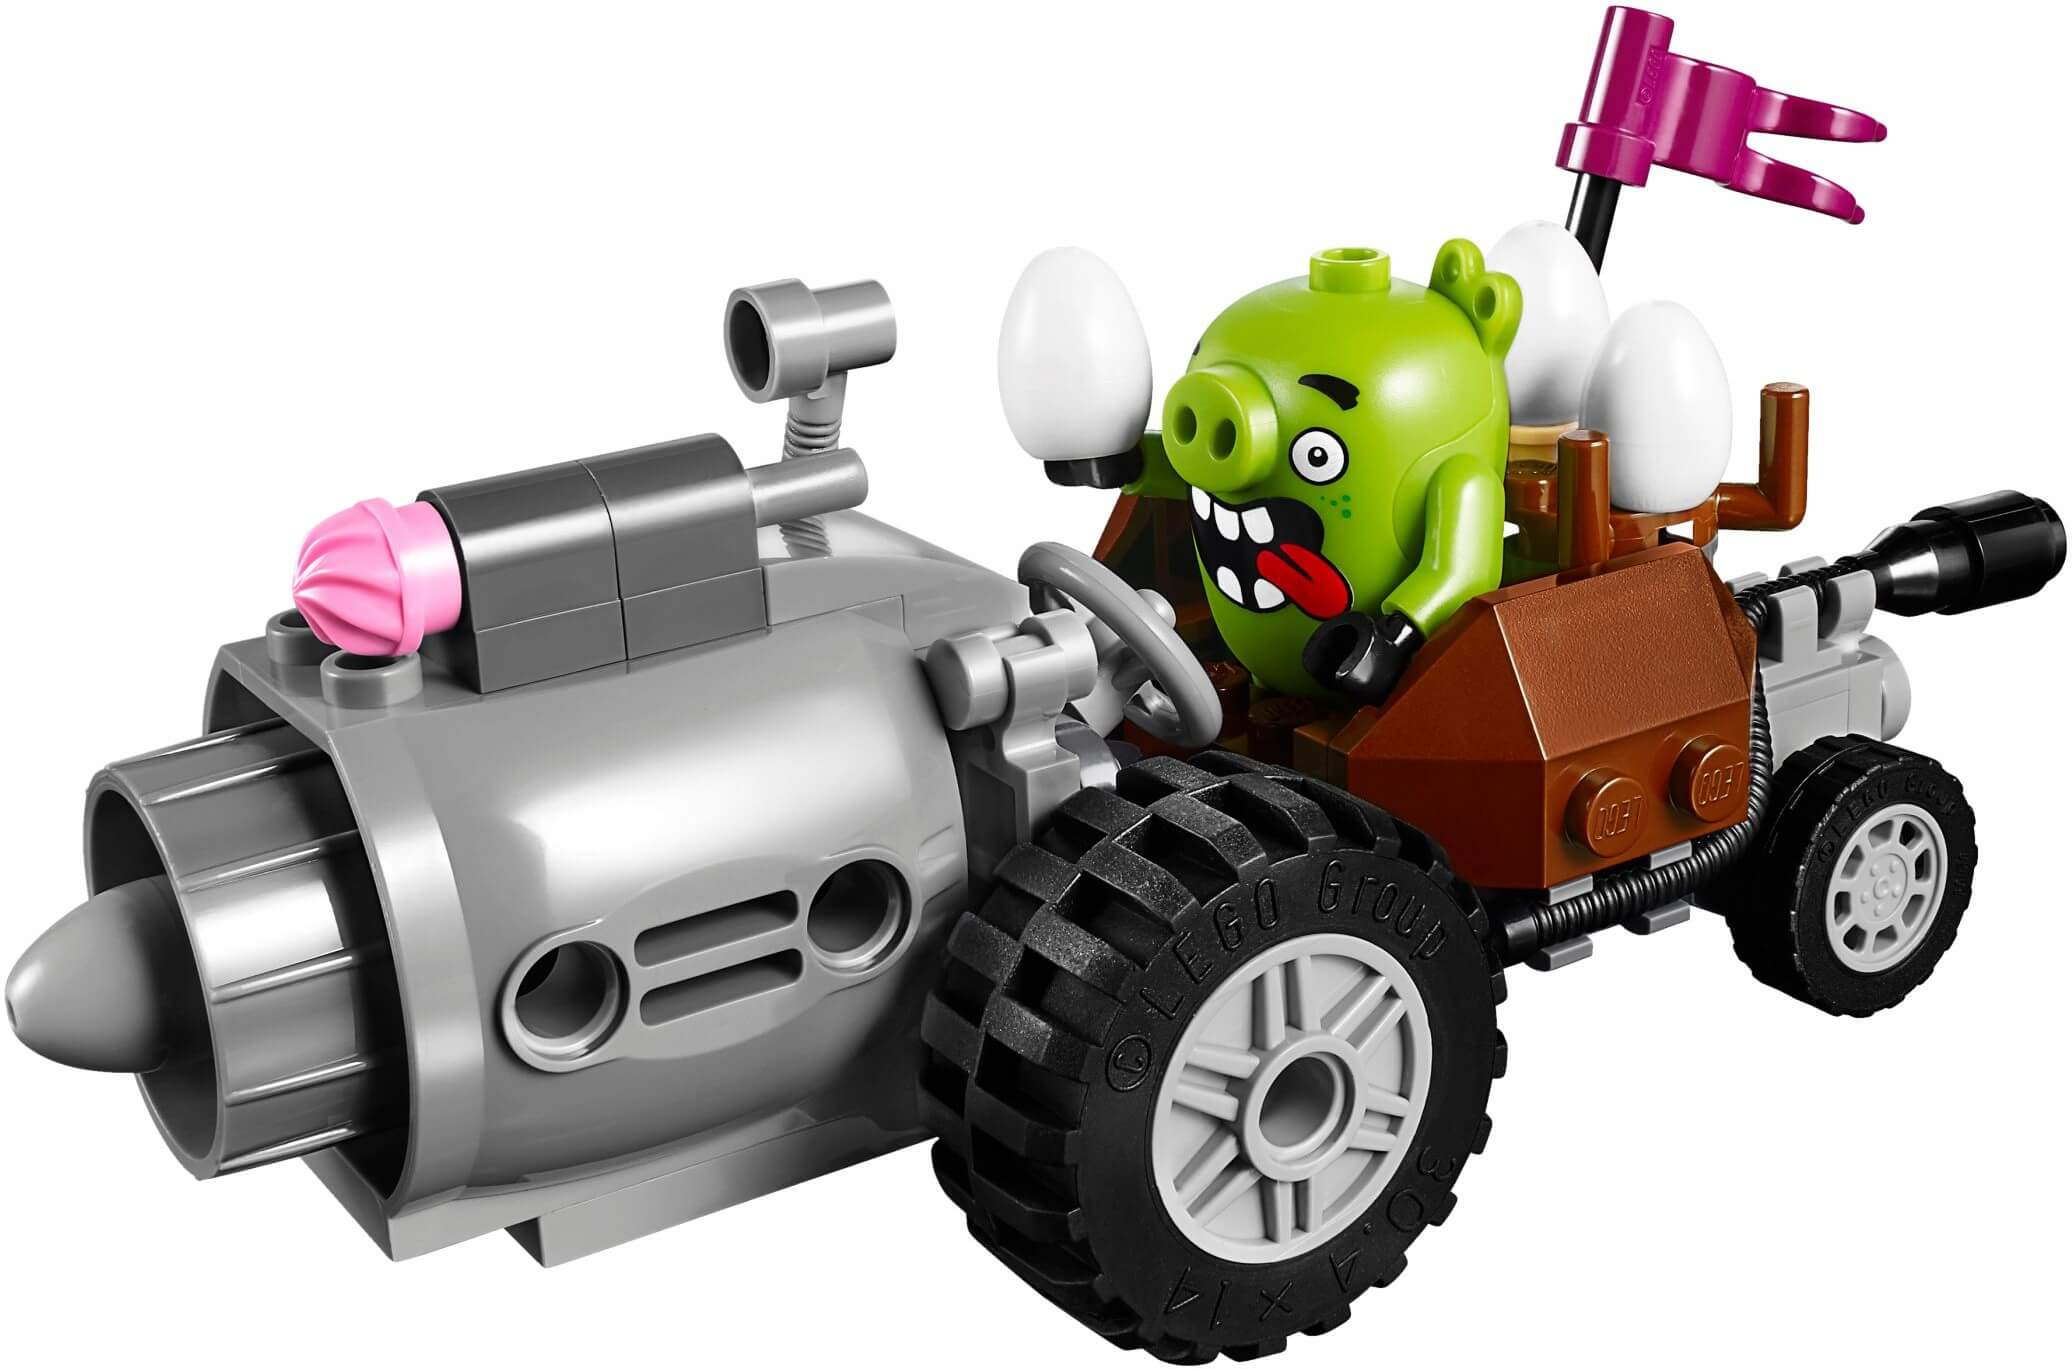 Mua đồ chơi LEGO 75821 - LEGO Angry Birds 75821 - Xe Lợn Siêu Tốc (LEGO Angry Birds Piggy Car Escape 75821)